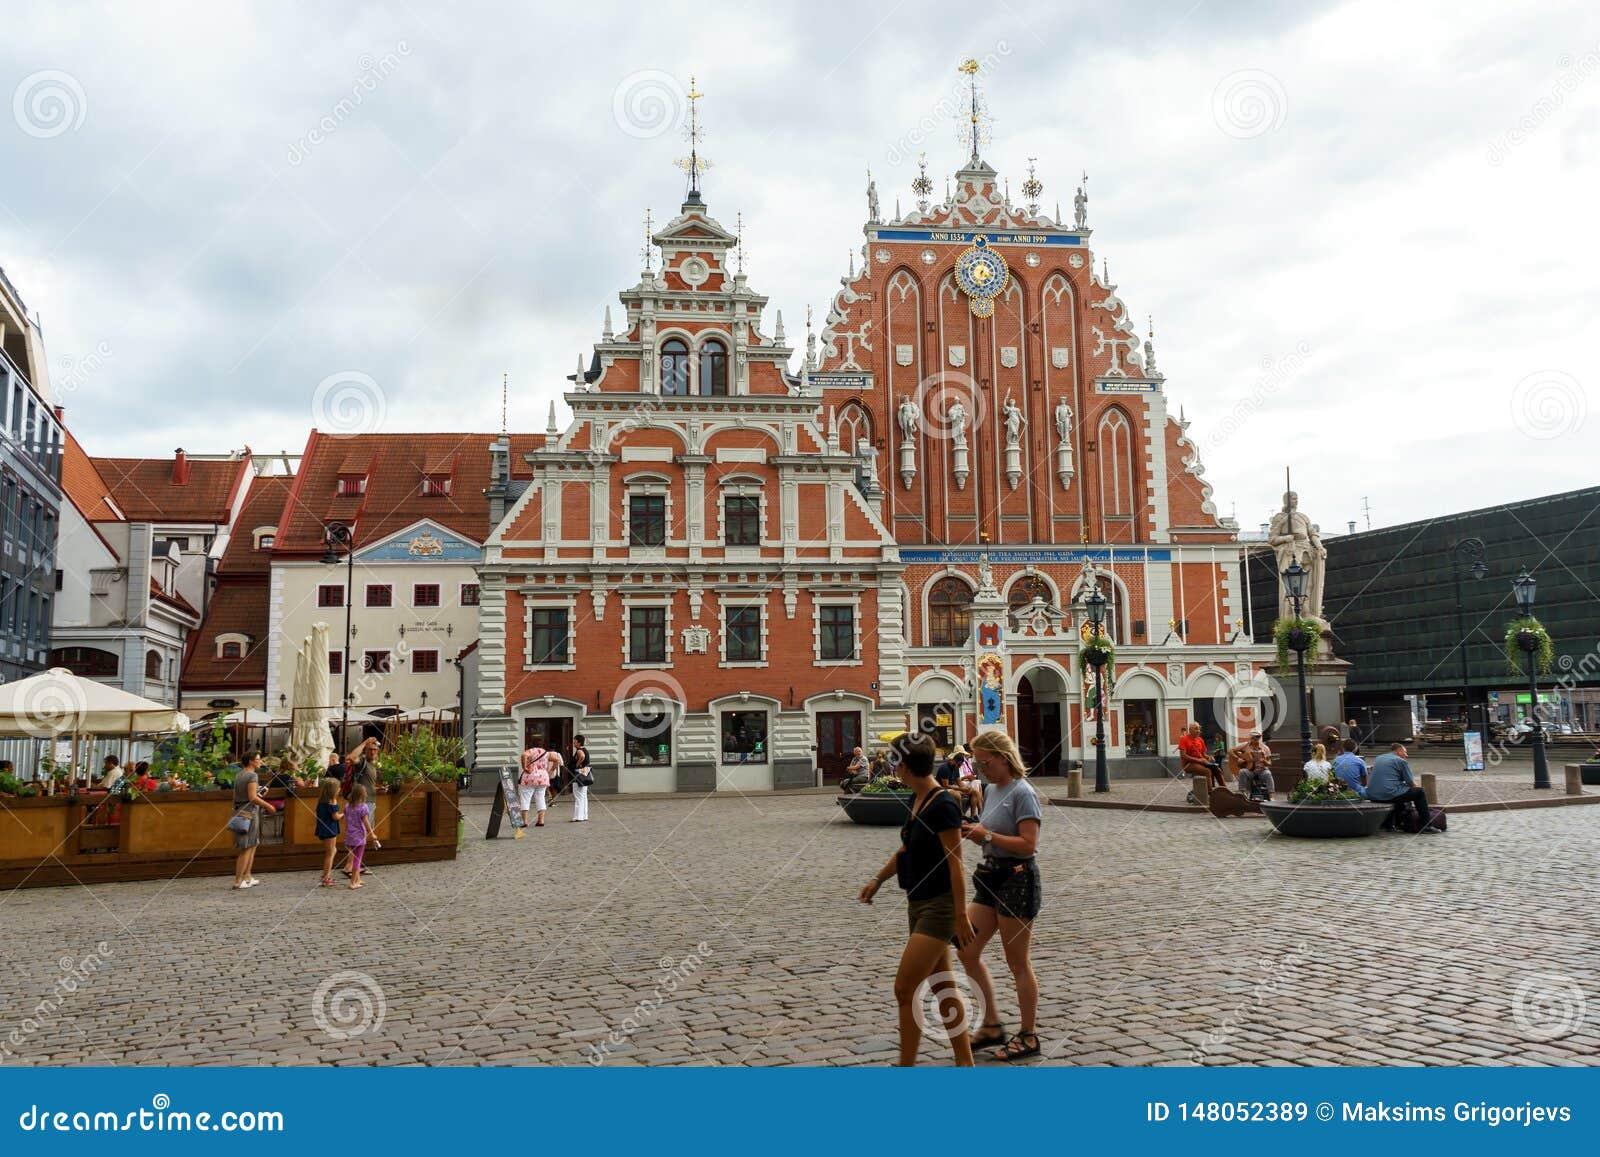 Ciudad Hall Square con la casa de la iglesia de las espinillas y de San Pedro en la ciudad vieja de Riga, Letonia, el 24 de julio